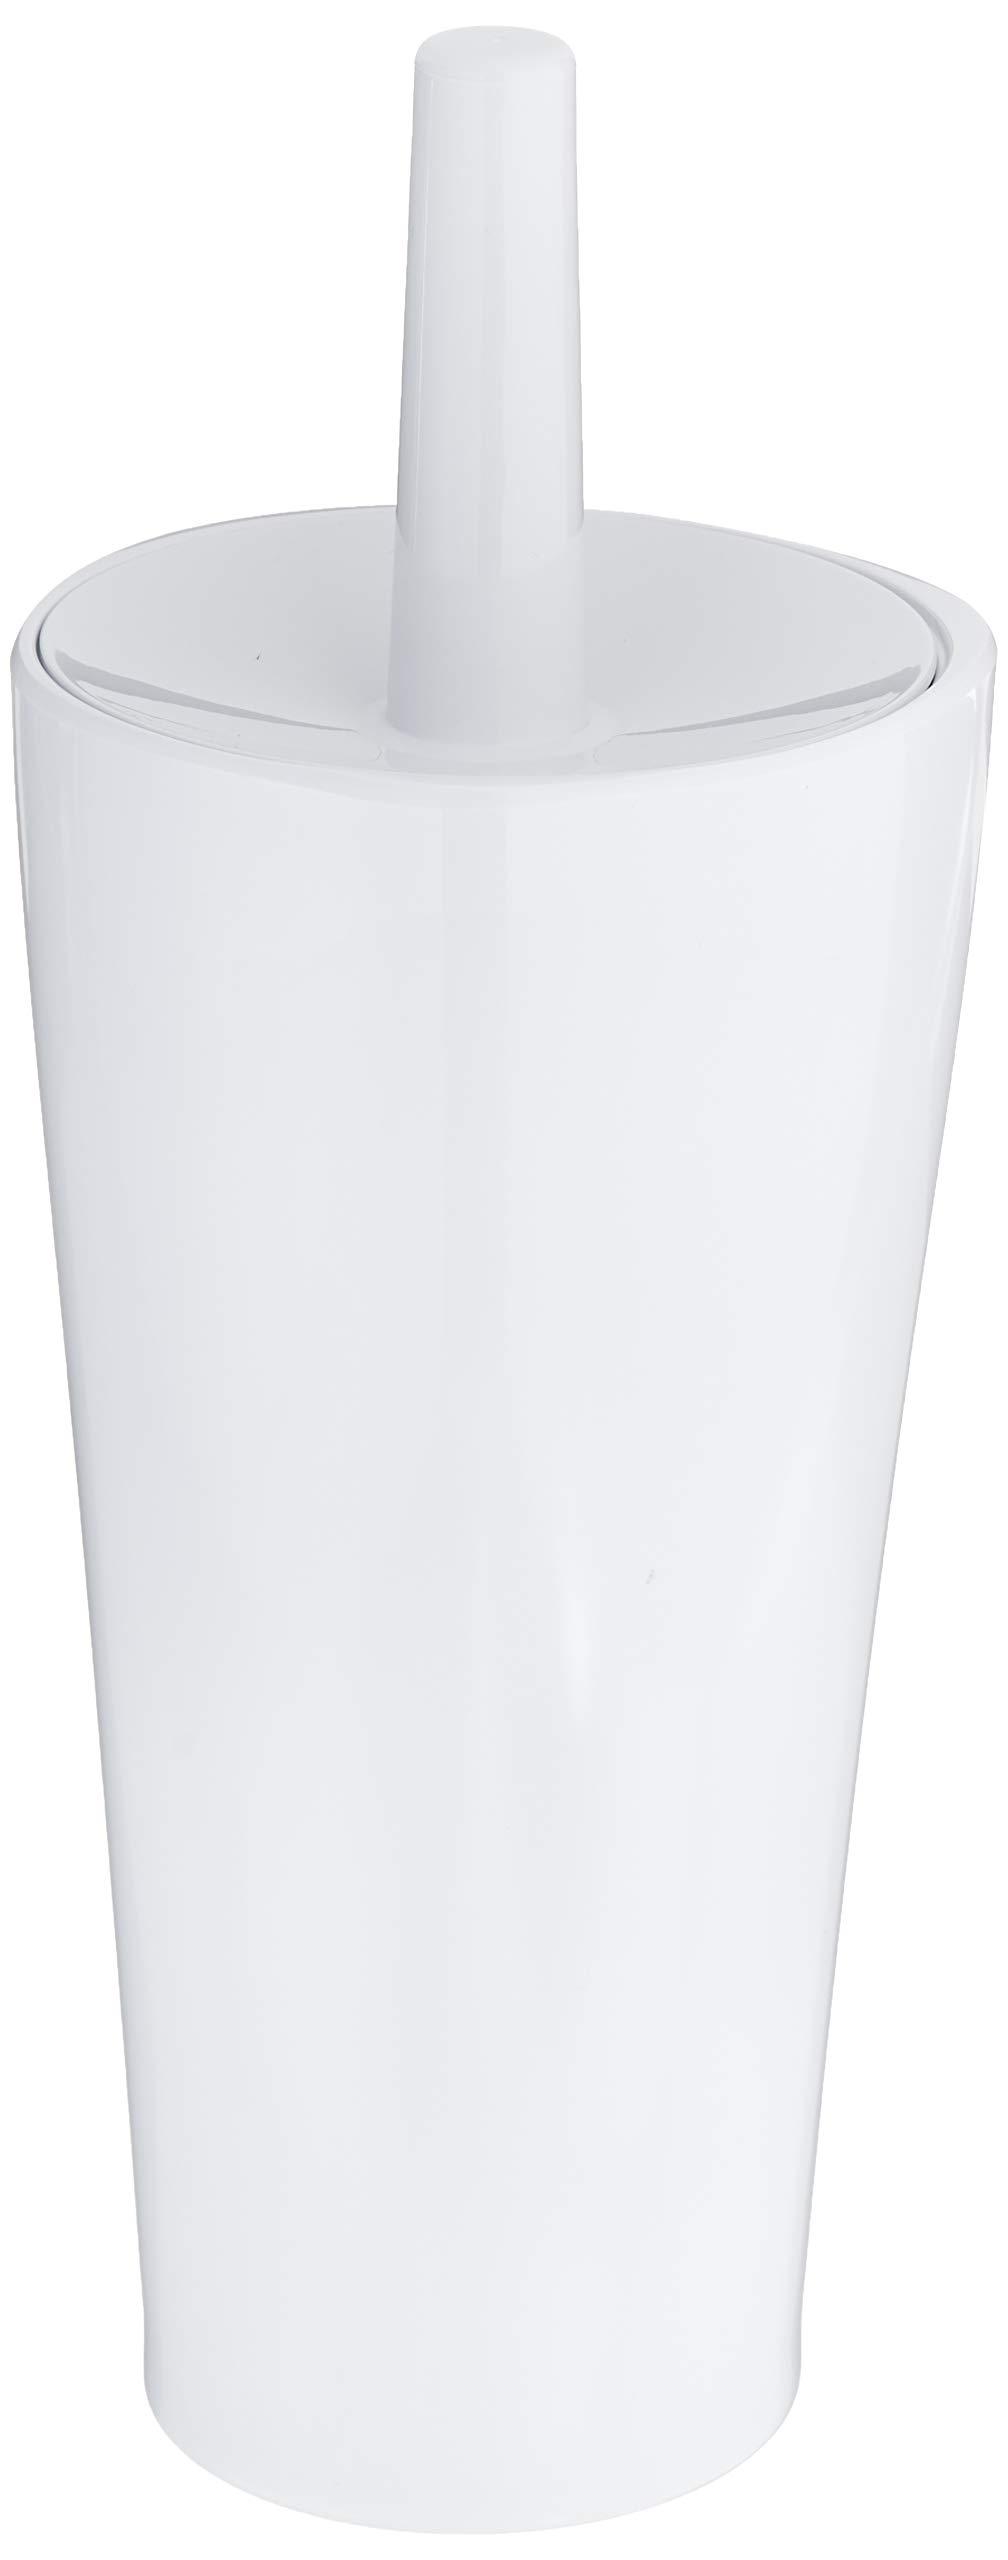 AmazonBasics Toilet Bowl Brush and Holder - Smooth White